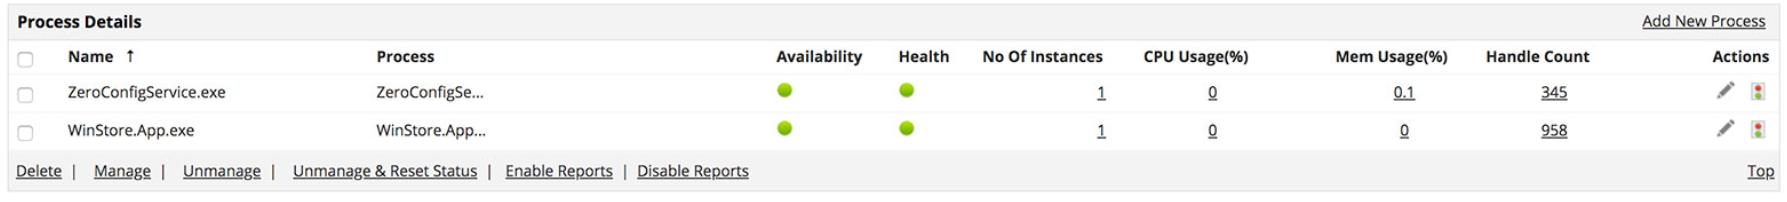 Novell Server Process Monitoring